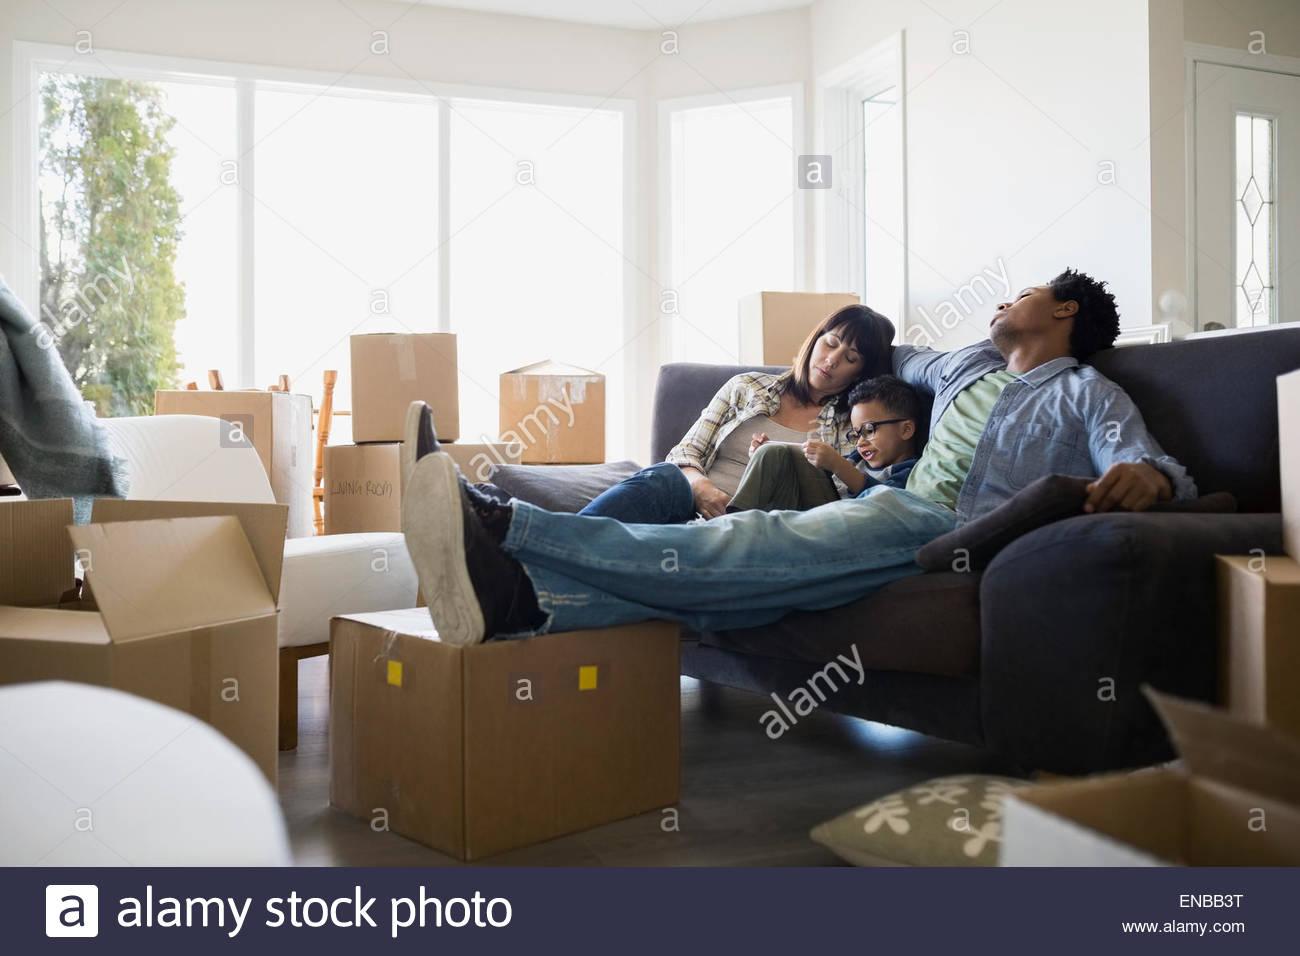 Cajas de mudanza en torno de la familia en el sofá relajante Foto de stock